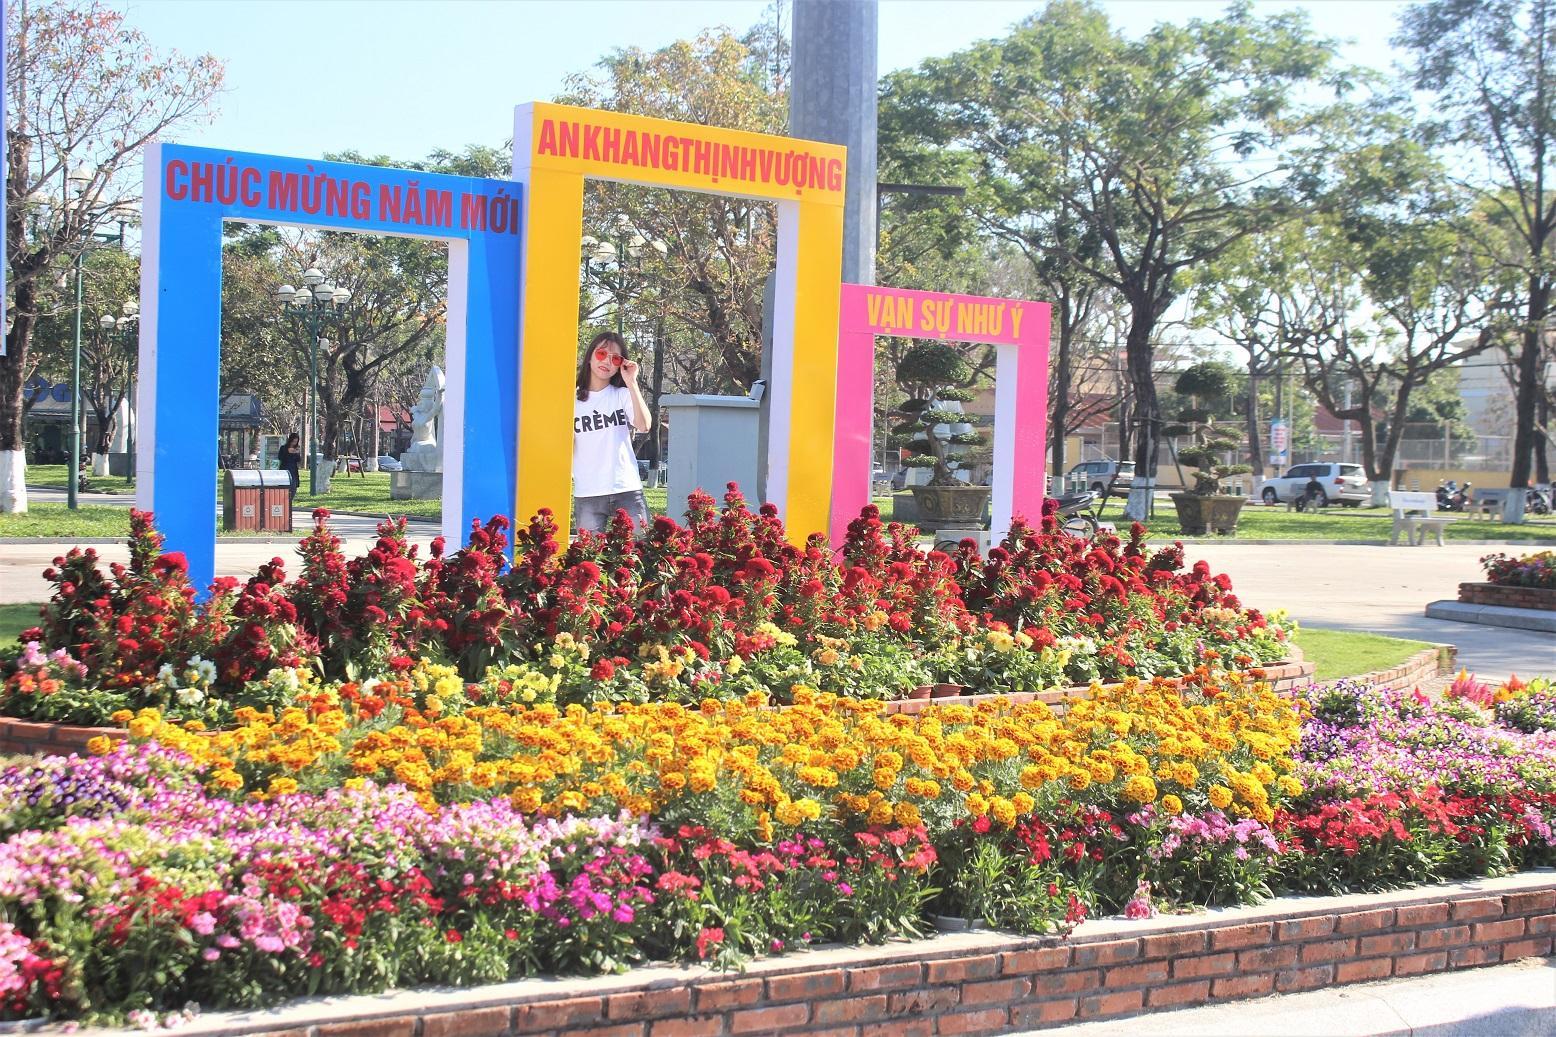 Quảng Nam: Quảng trường 24-3 rực rỡ trước Tết Canh Tý 2020 Ảnh 1